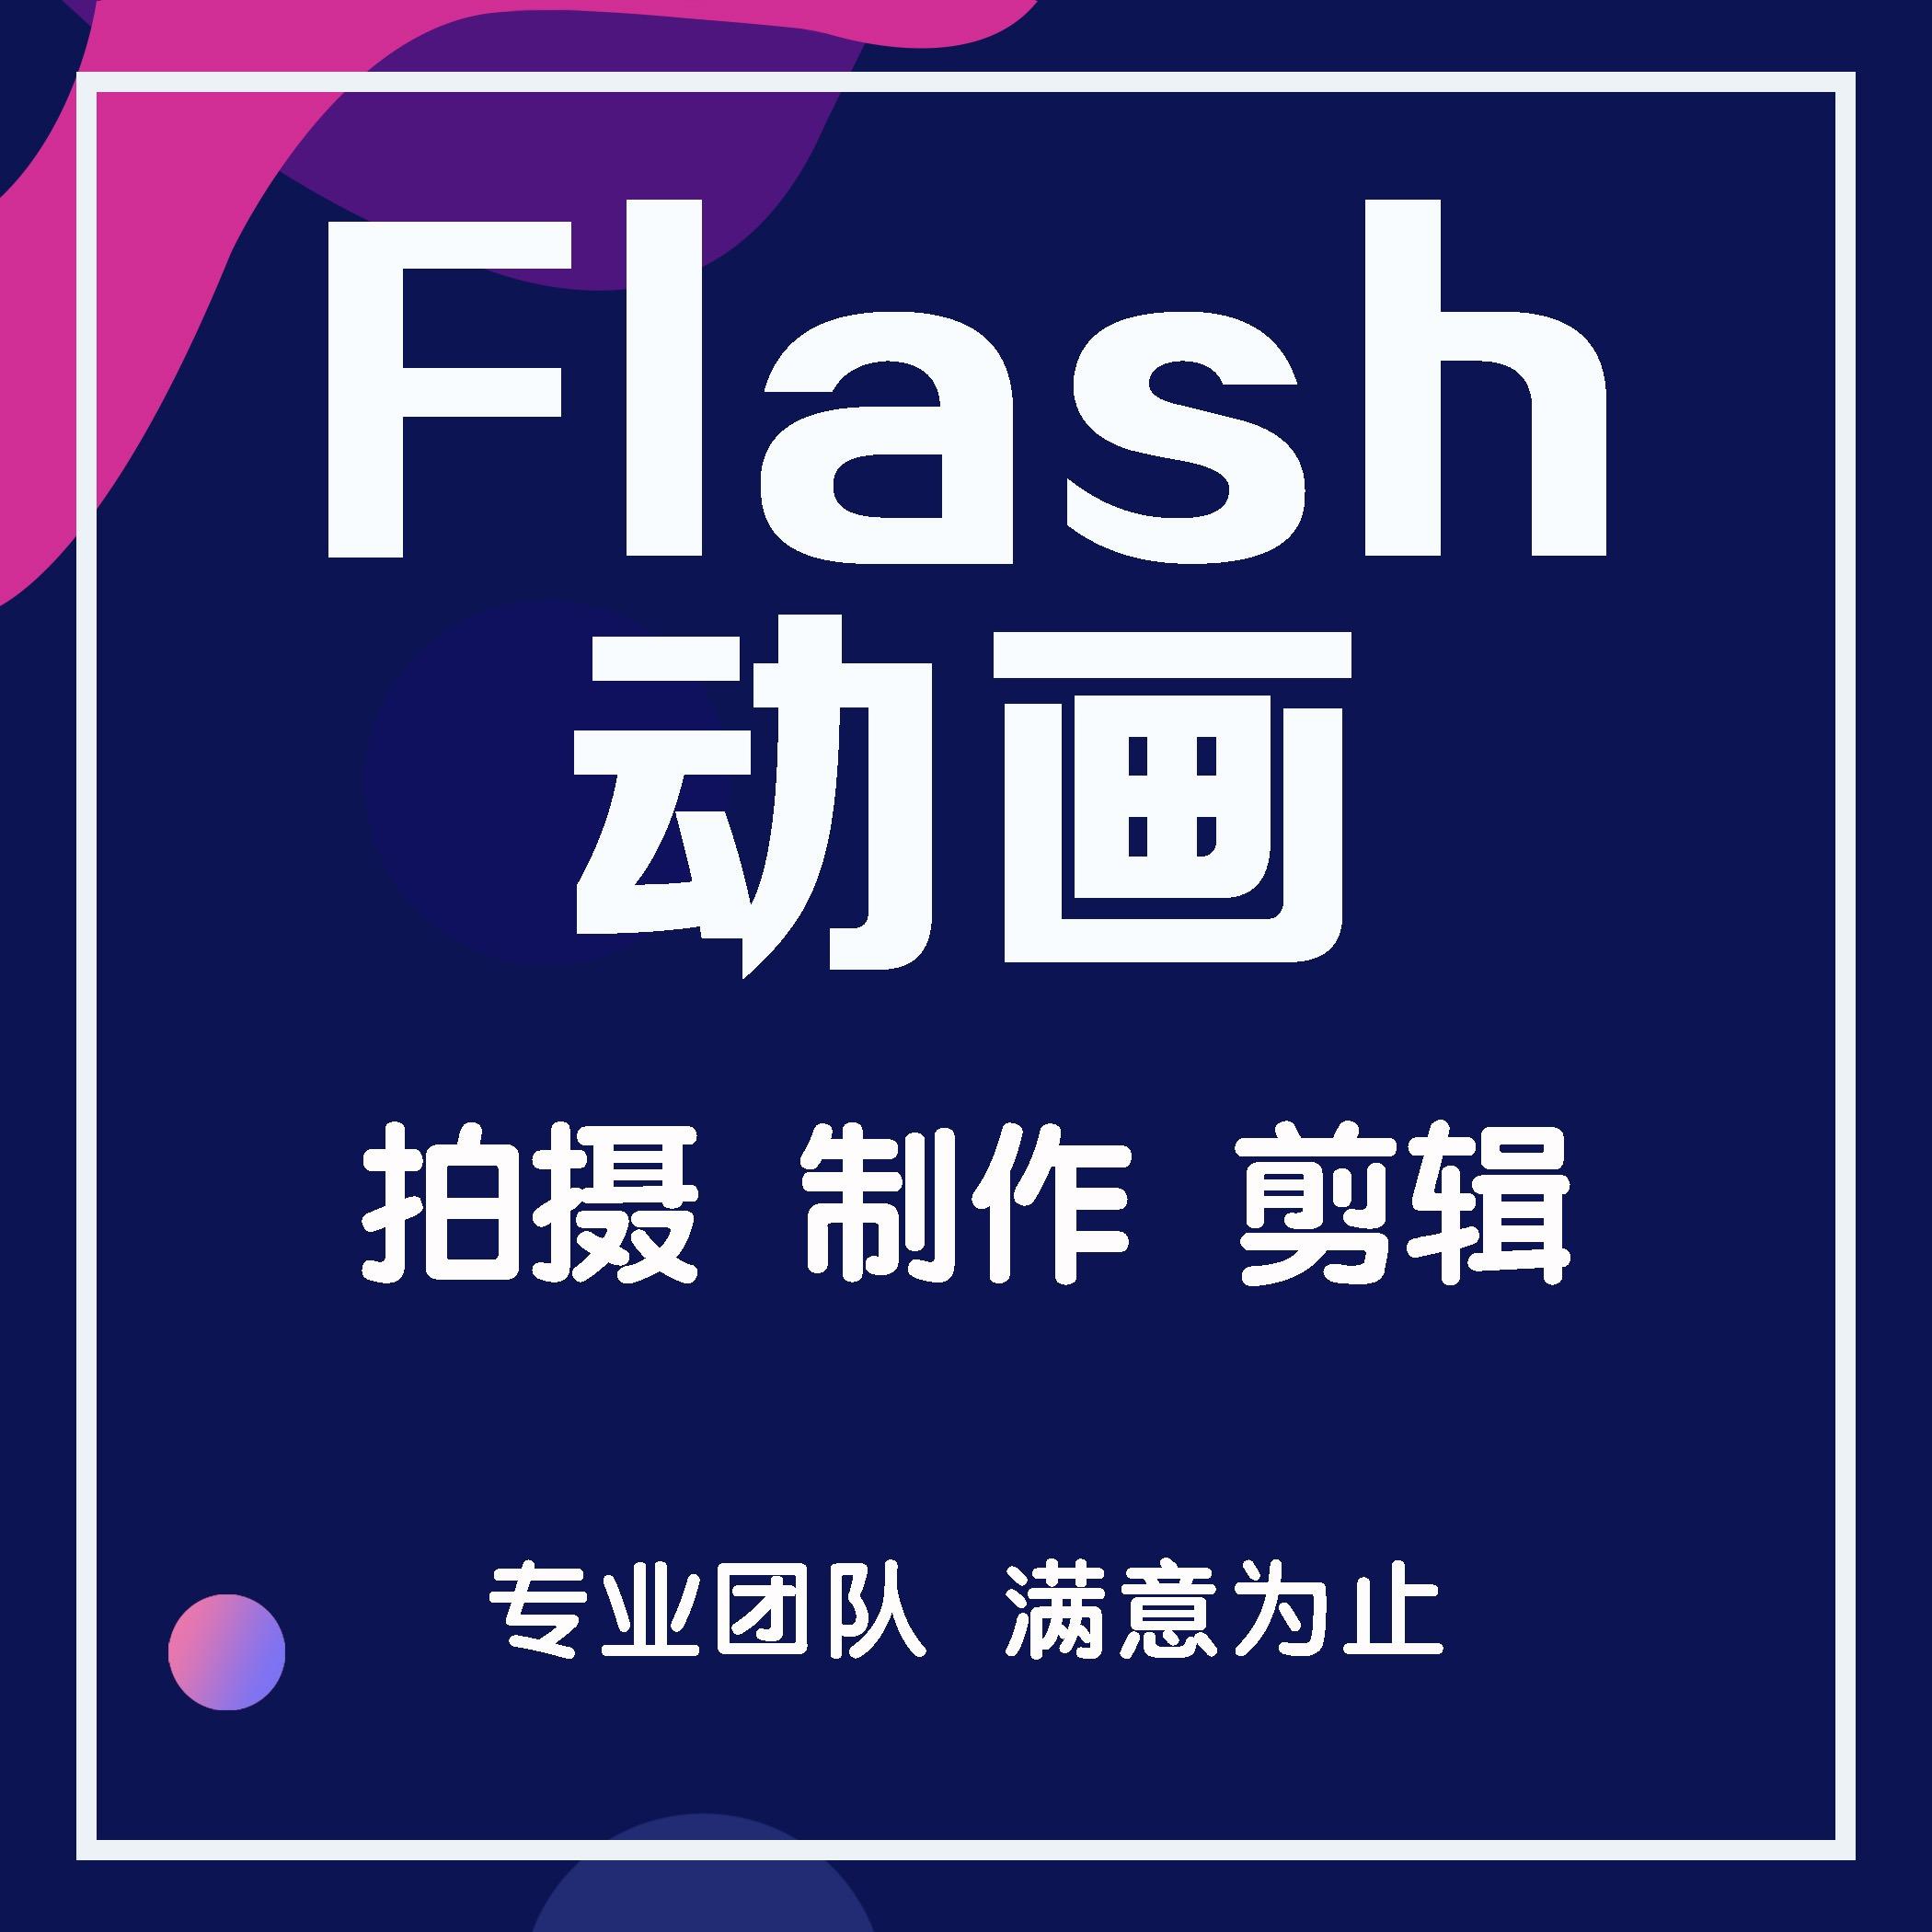 【Flash动画】flash动画制作手绘动画AE动画